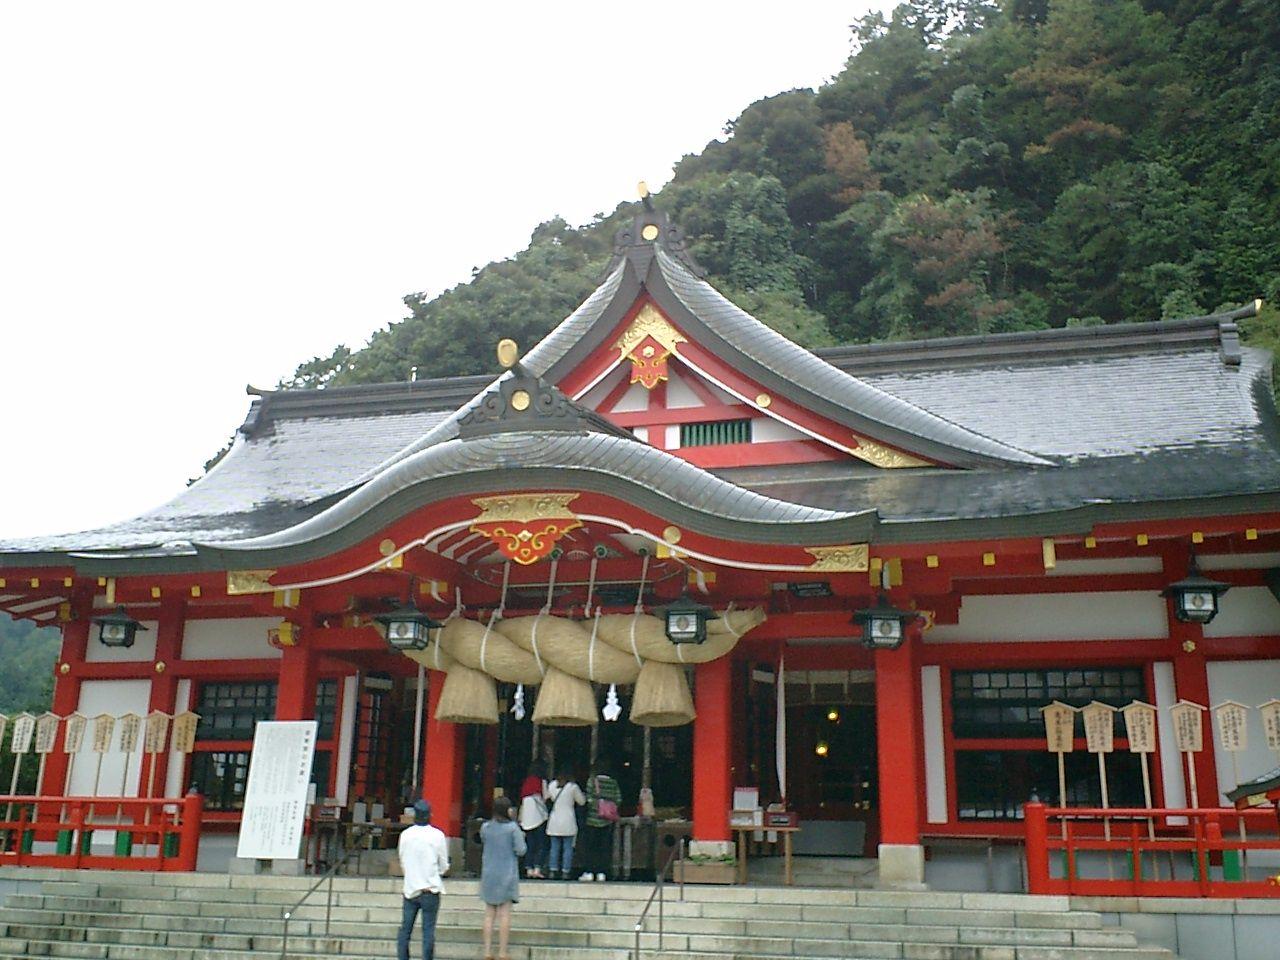 小京都と聞くとじっとしていられないあなたへ!山陰の「津和野」で見つけた歴史とパワーとグルメとりんご